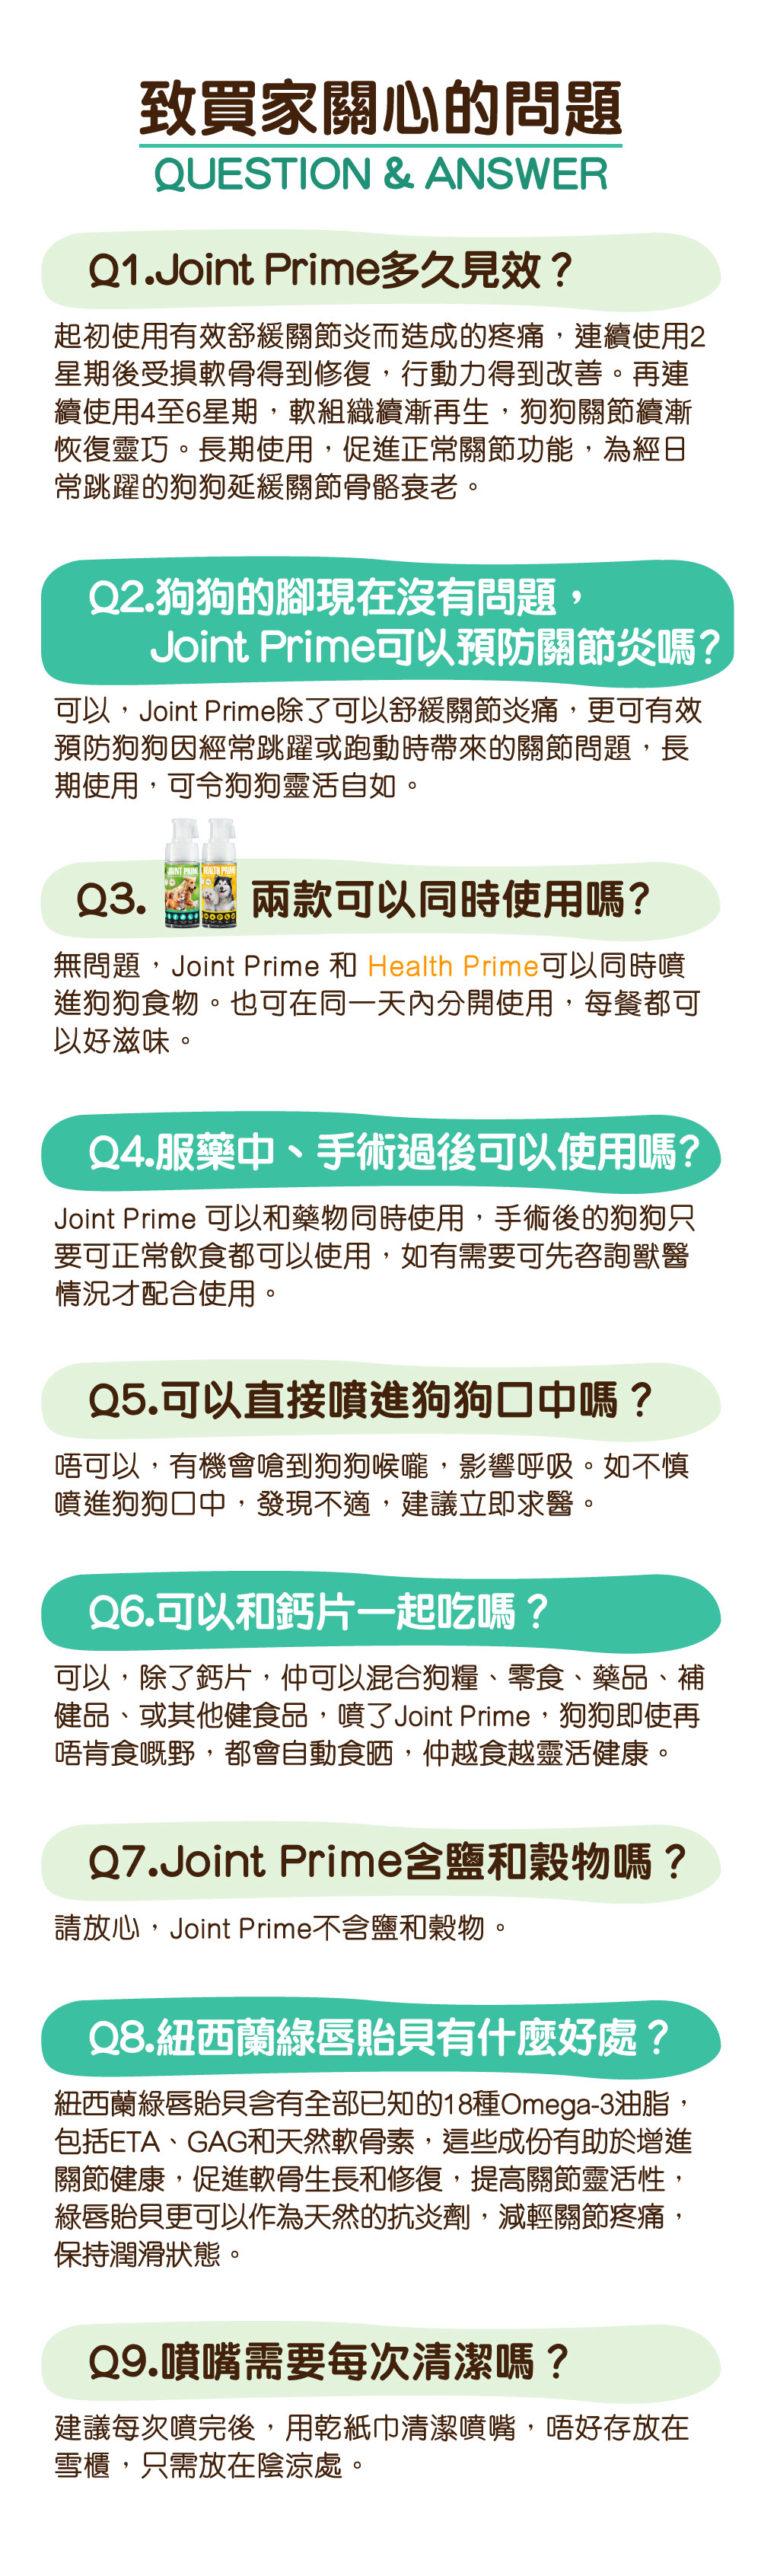 Pet Pet Premier, Joint Prime, Health Prime, 狗狗神仙粉, 关节神仙粉, 狗保健品 Q&A